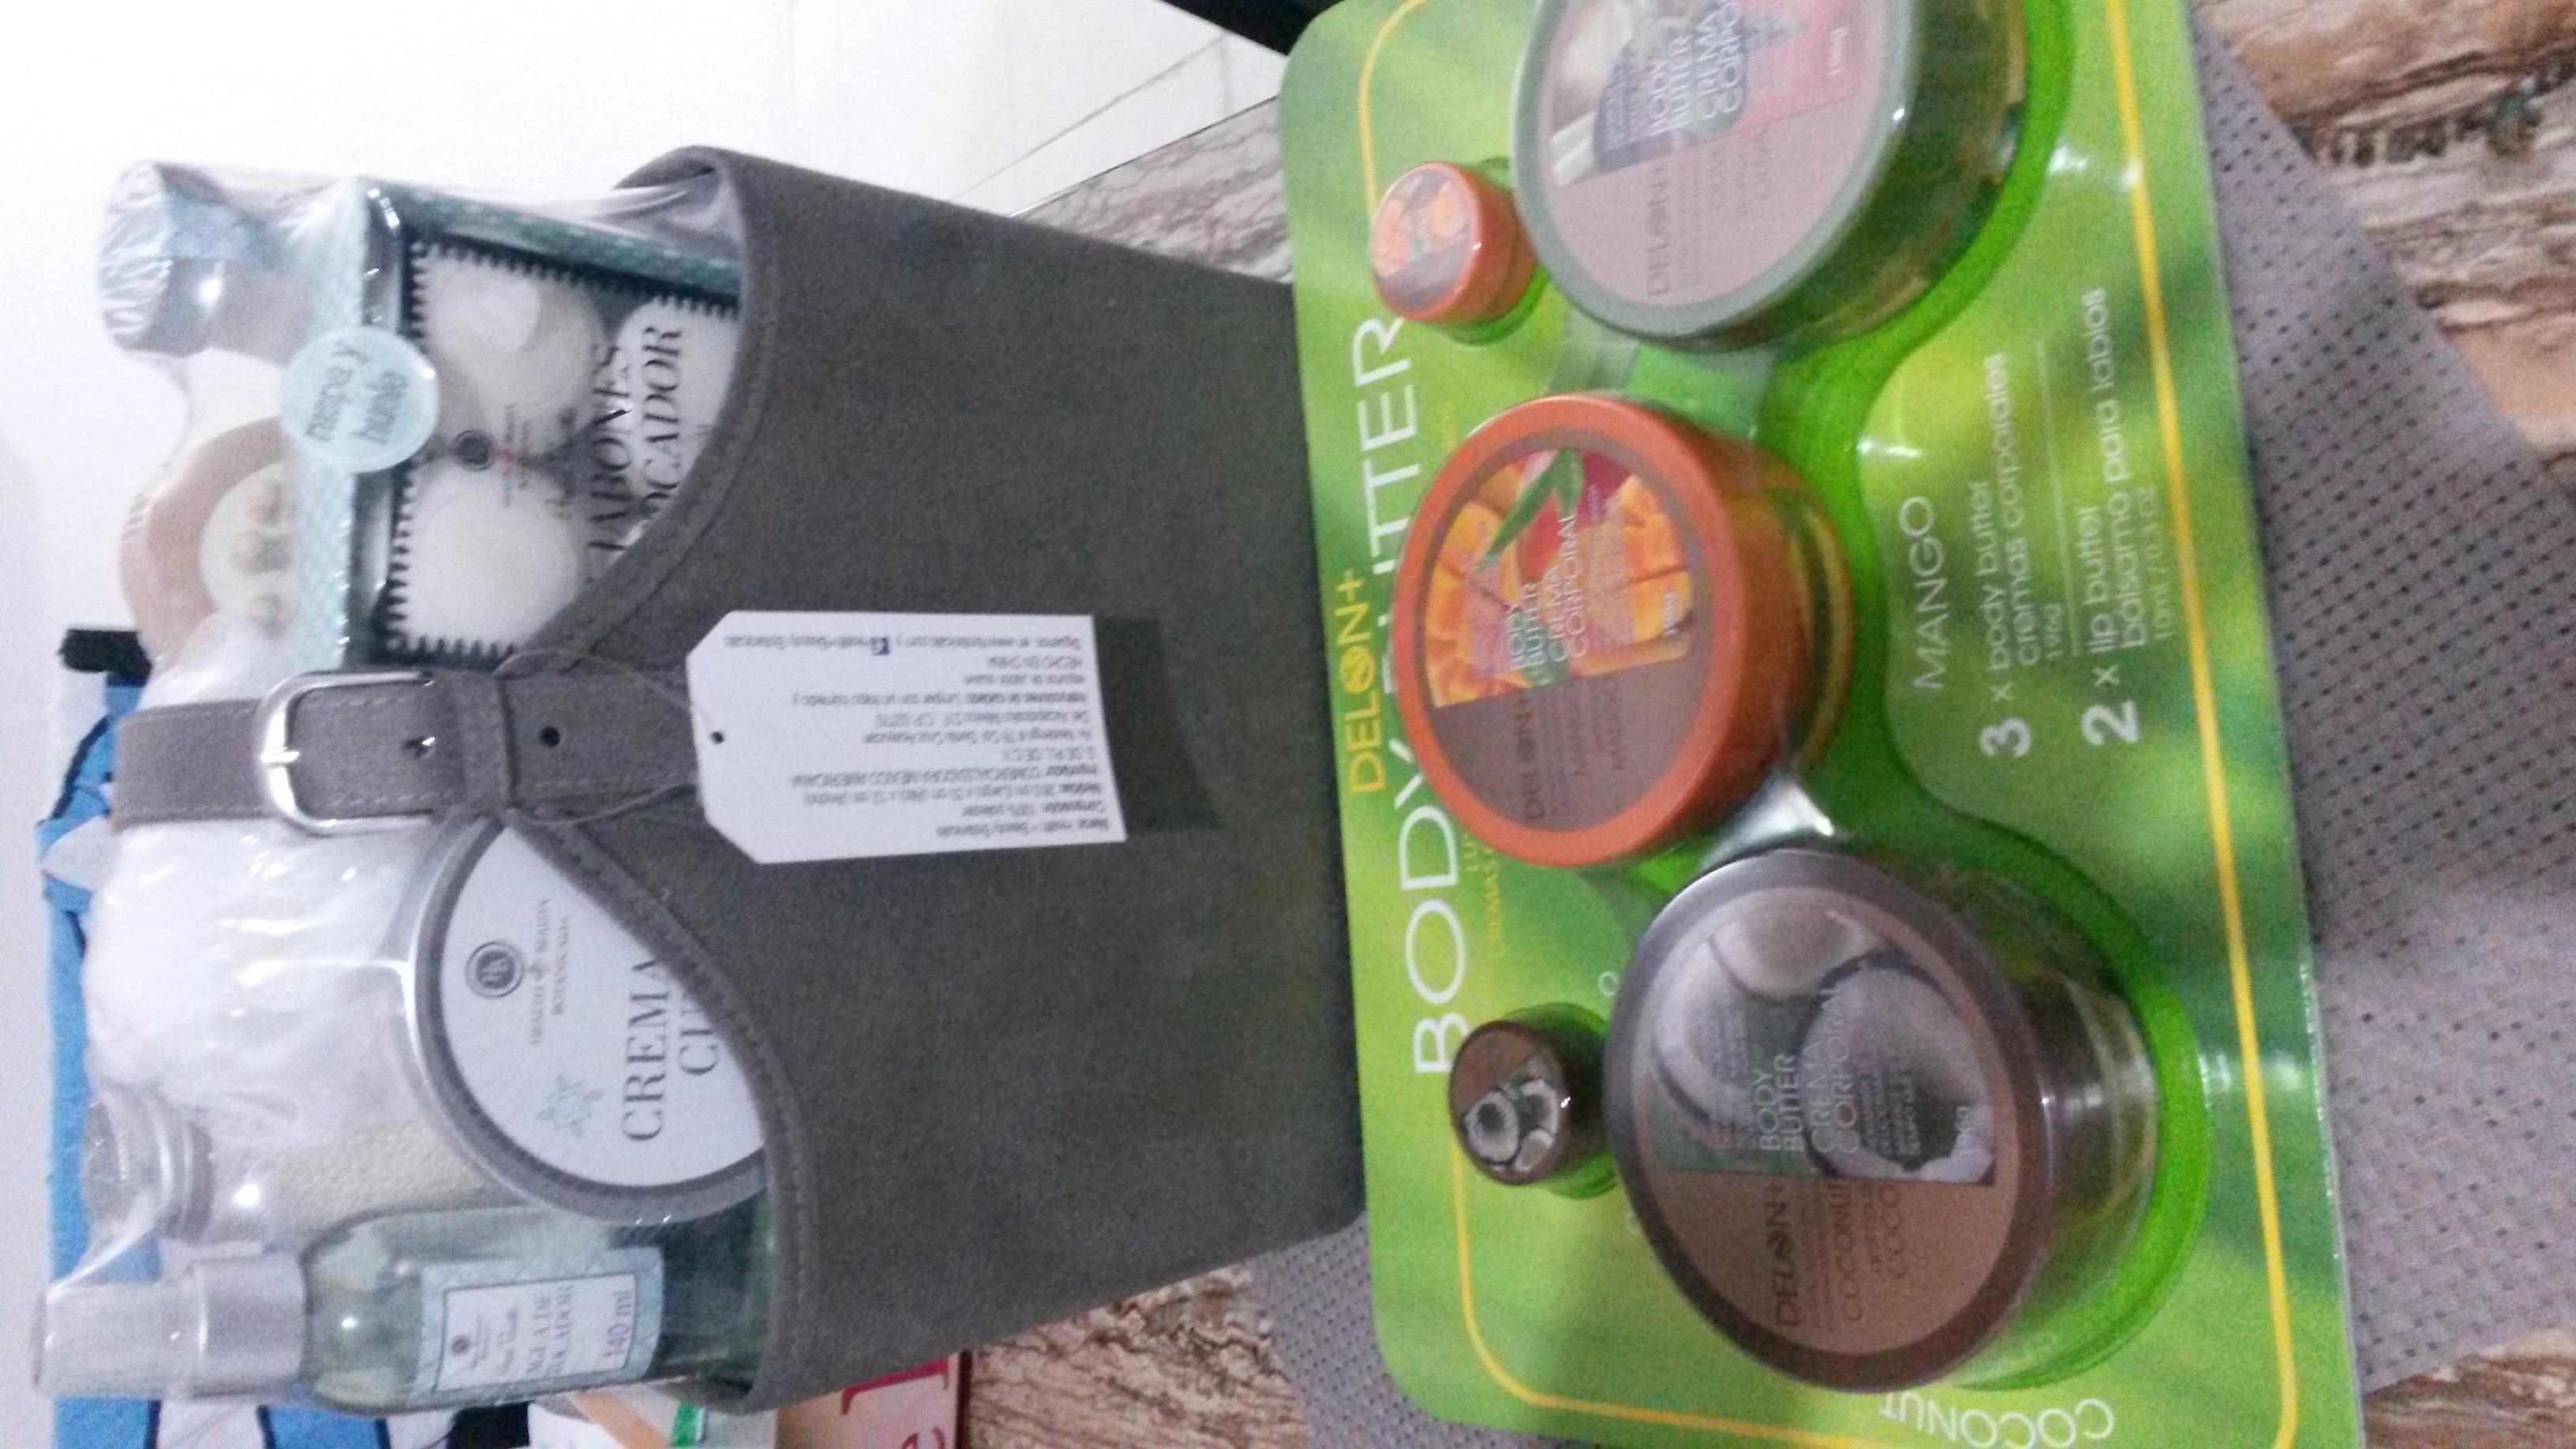 Sam's Club Chetumal: paquete de cremas de $120 a $60.36 y más